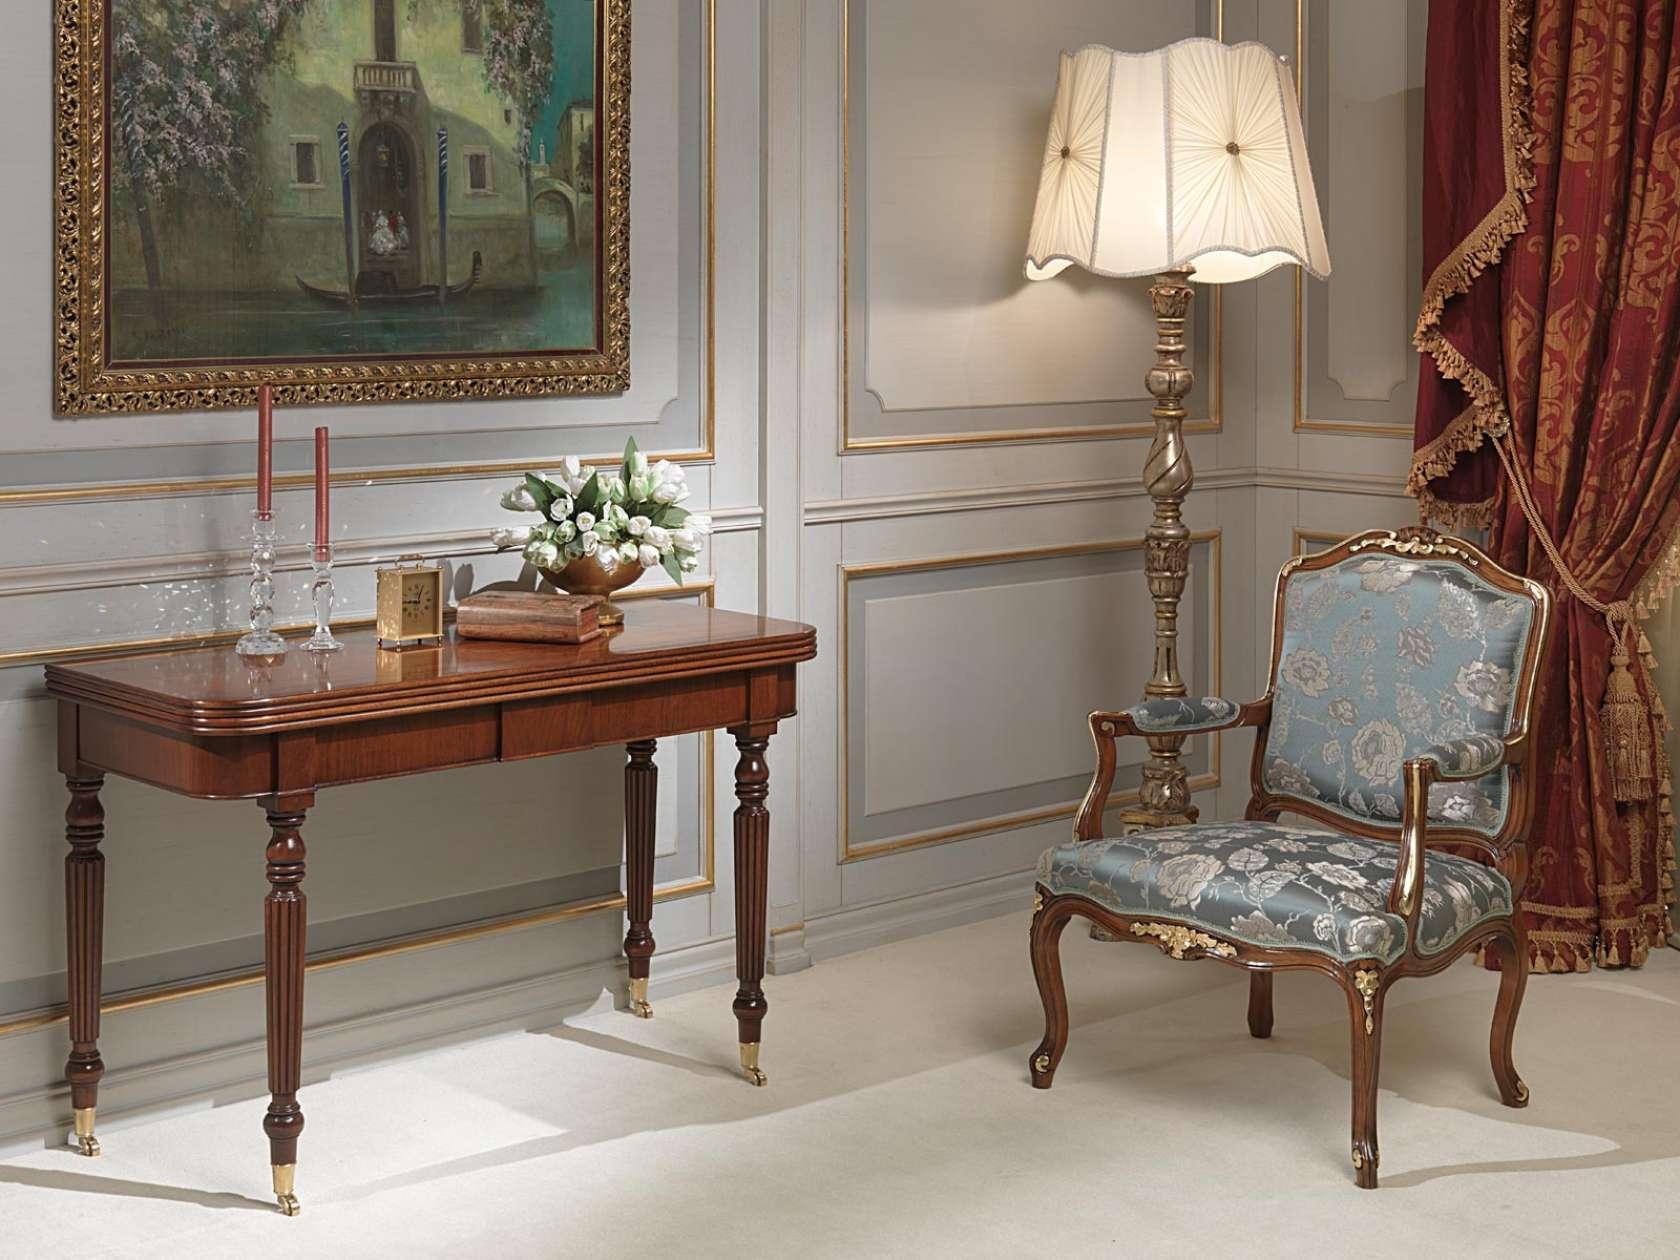 Tavolo Consolle Classico Allungabile Con Quattro Prolunghe E Ruote  #673F2D 1680 1260 Tavoli Da Pranzo A Consolle